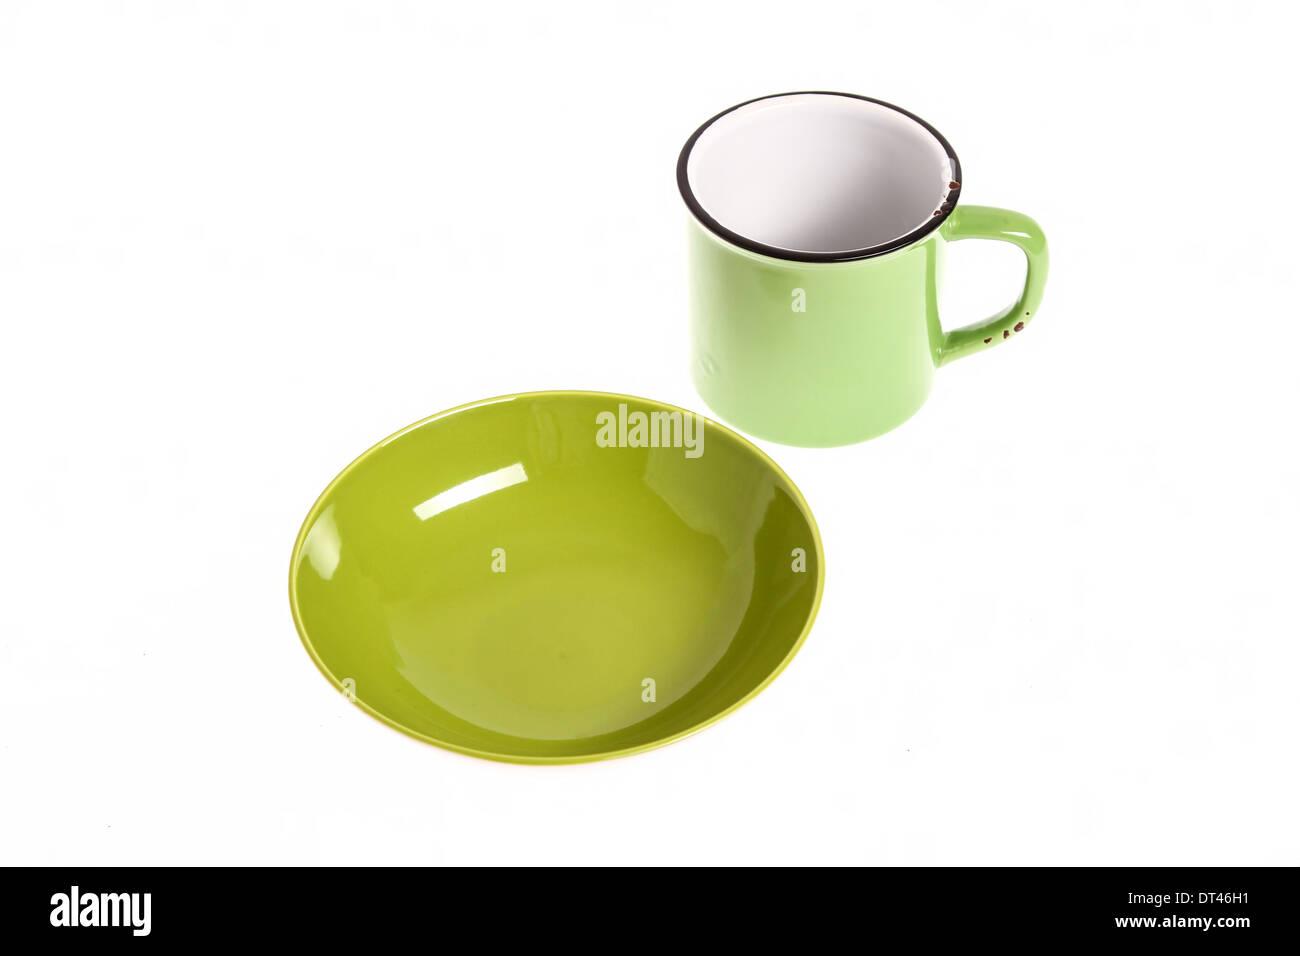 Eine Grune Kaputte Tasse Und Schale Leer Isoliert